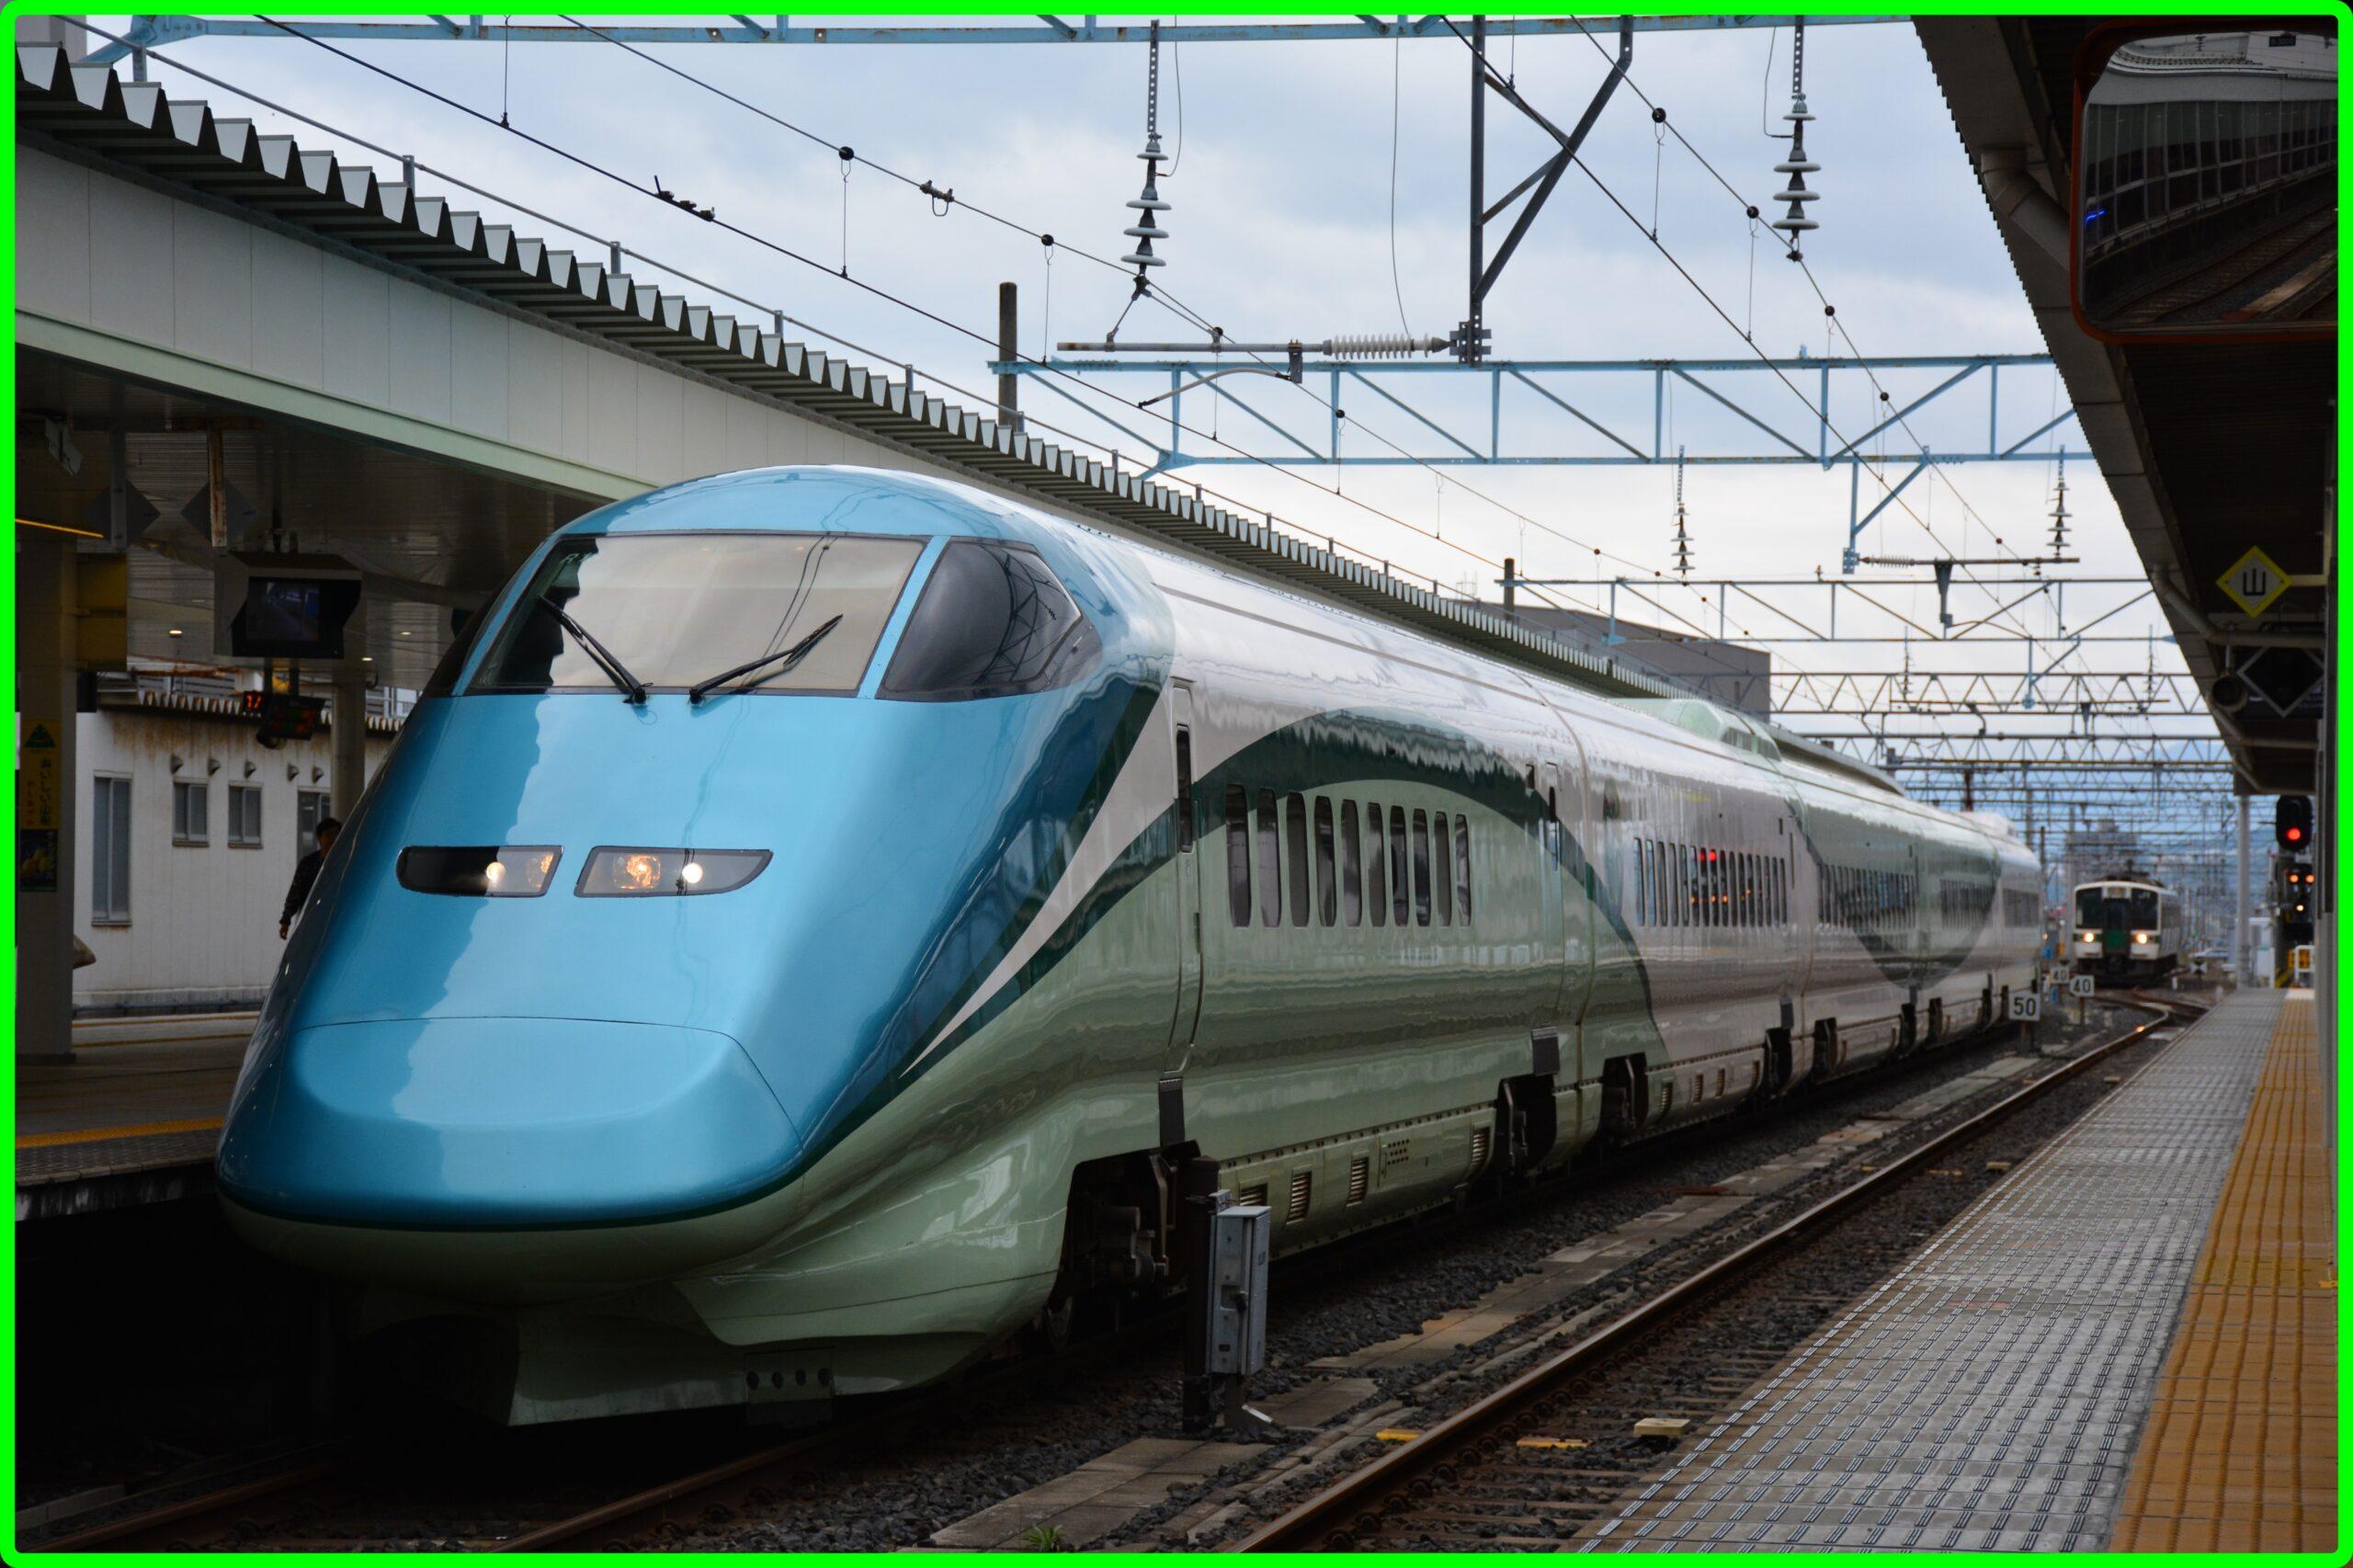 足湯新幹線「とれいゆつばさ」 2021年夏運転日・時刻表・まとめ